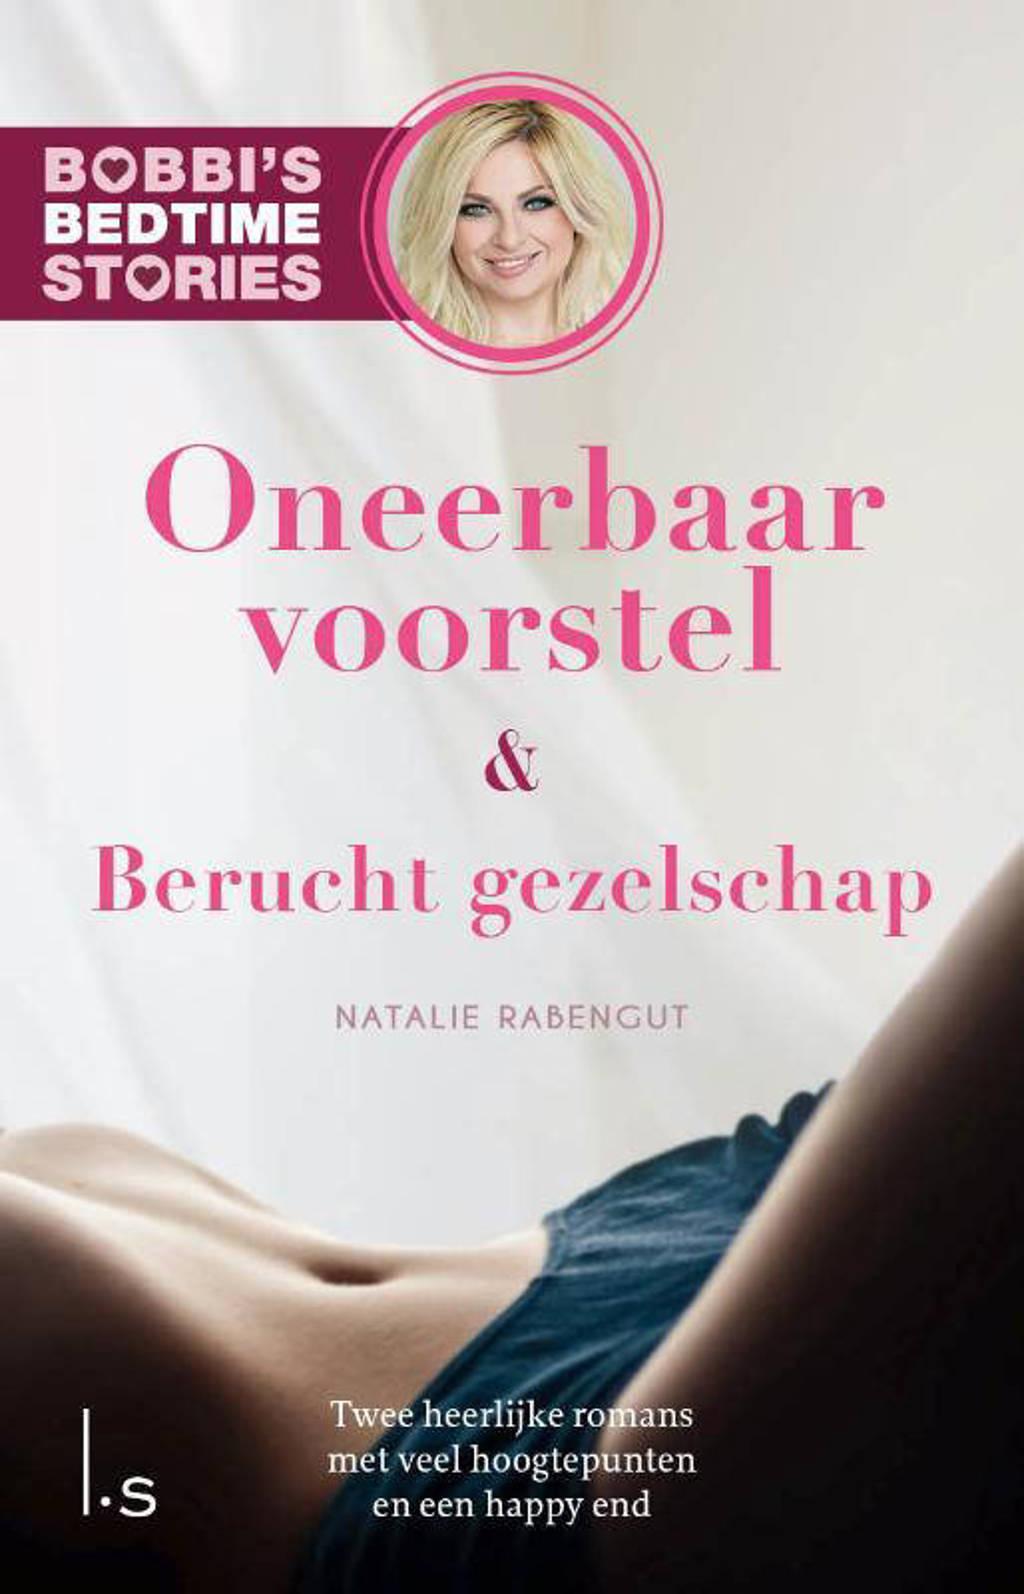 Bobbi's Bedtime Stories: Oneerbaar voorstel & Berucht gezelschap - Natalie Rabengut